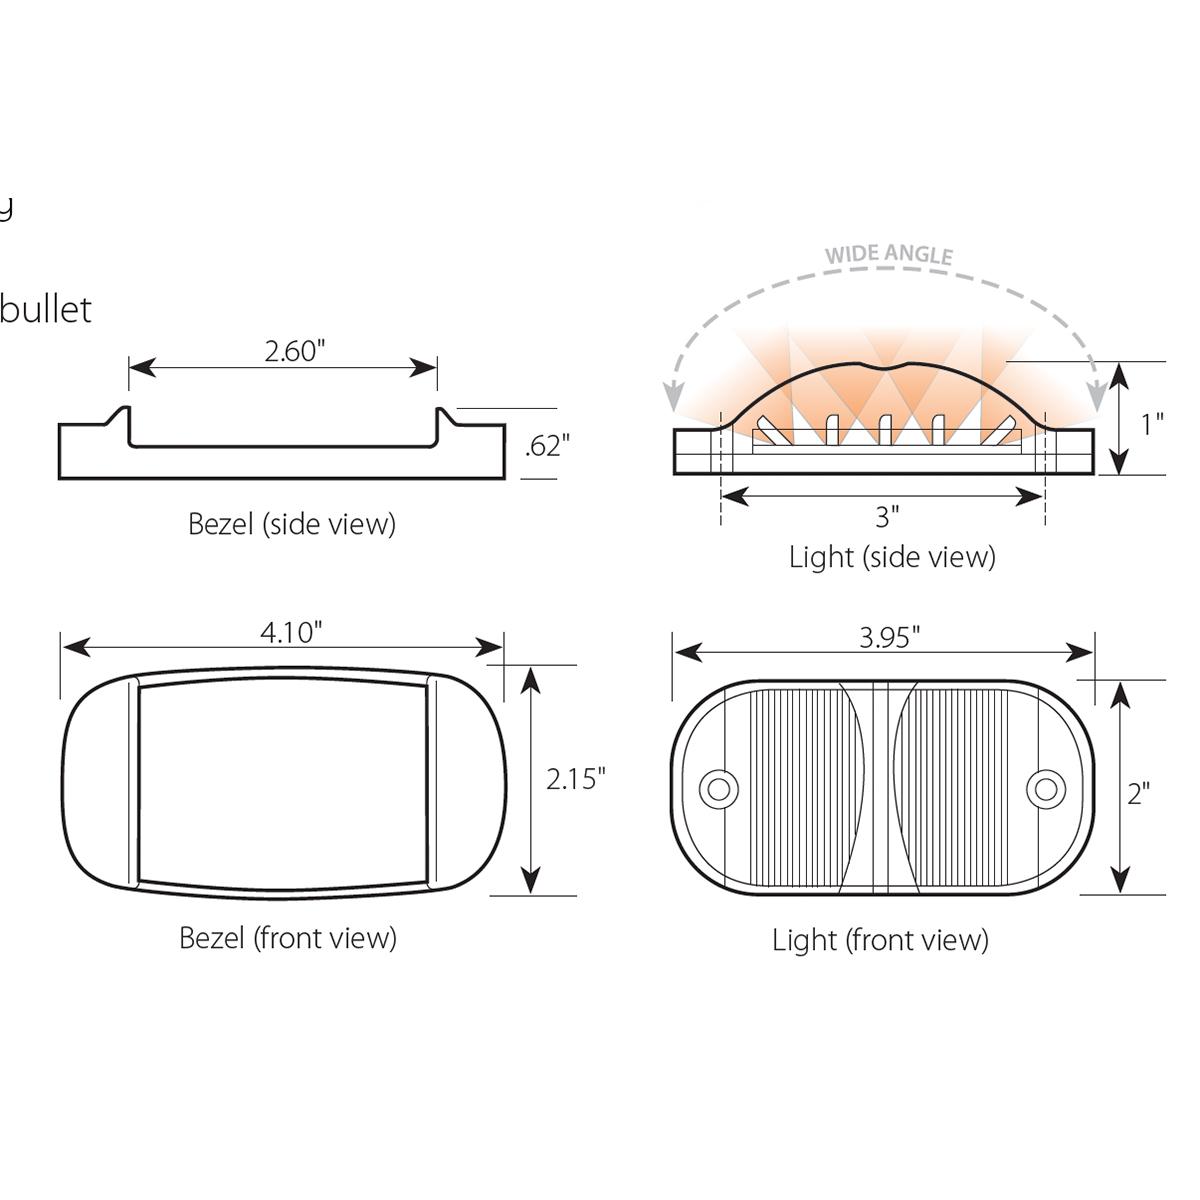 Rectangular Camel Back Wide Angle LED Marker Lights